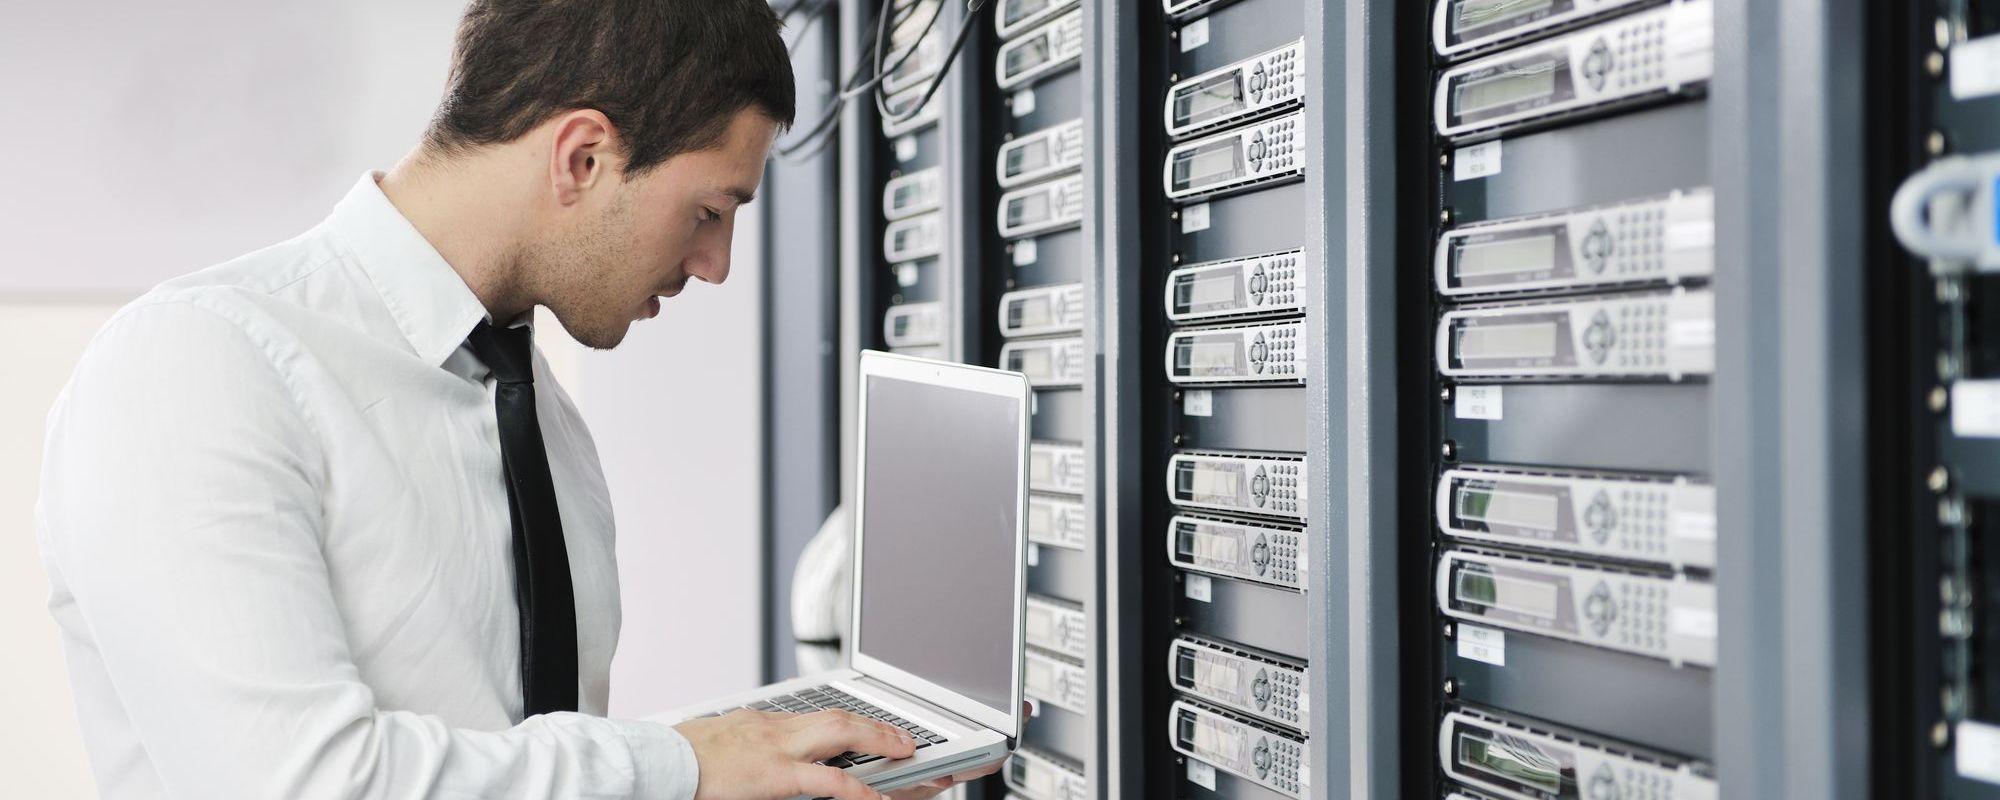 Options de servidores de bancos de dados Oracle